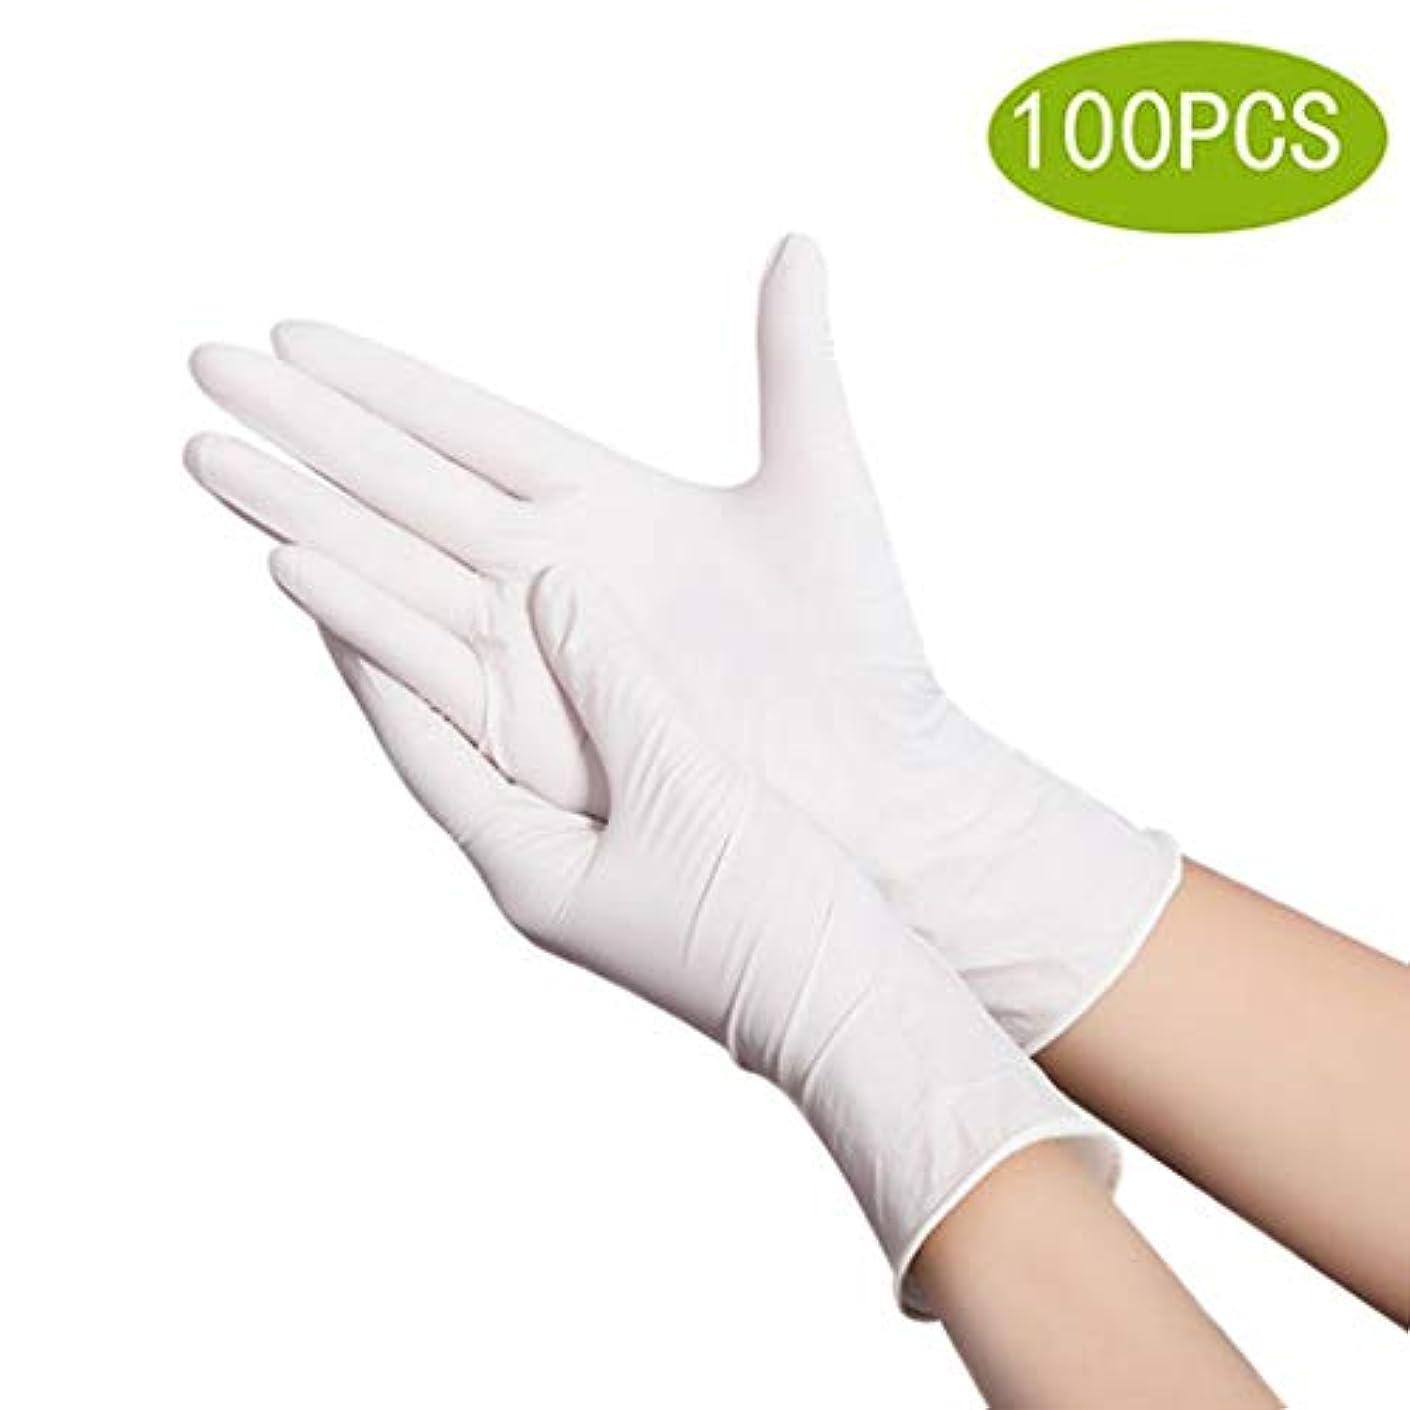 日帰り旅行に漏斗サワーニトリル手袋4ミル厚ヘビーデューティー使い捨て手袋 - 工業用および家庭用 - パウダーフリー - ナチュラルホワイト(100カウント) (Size : S)